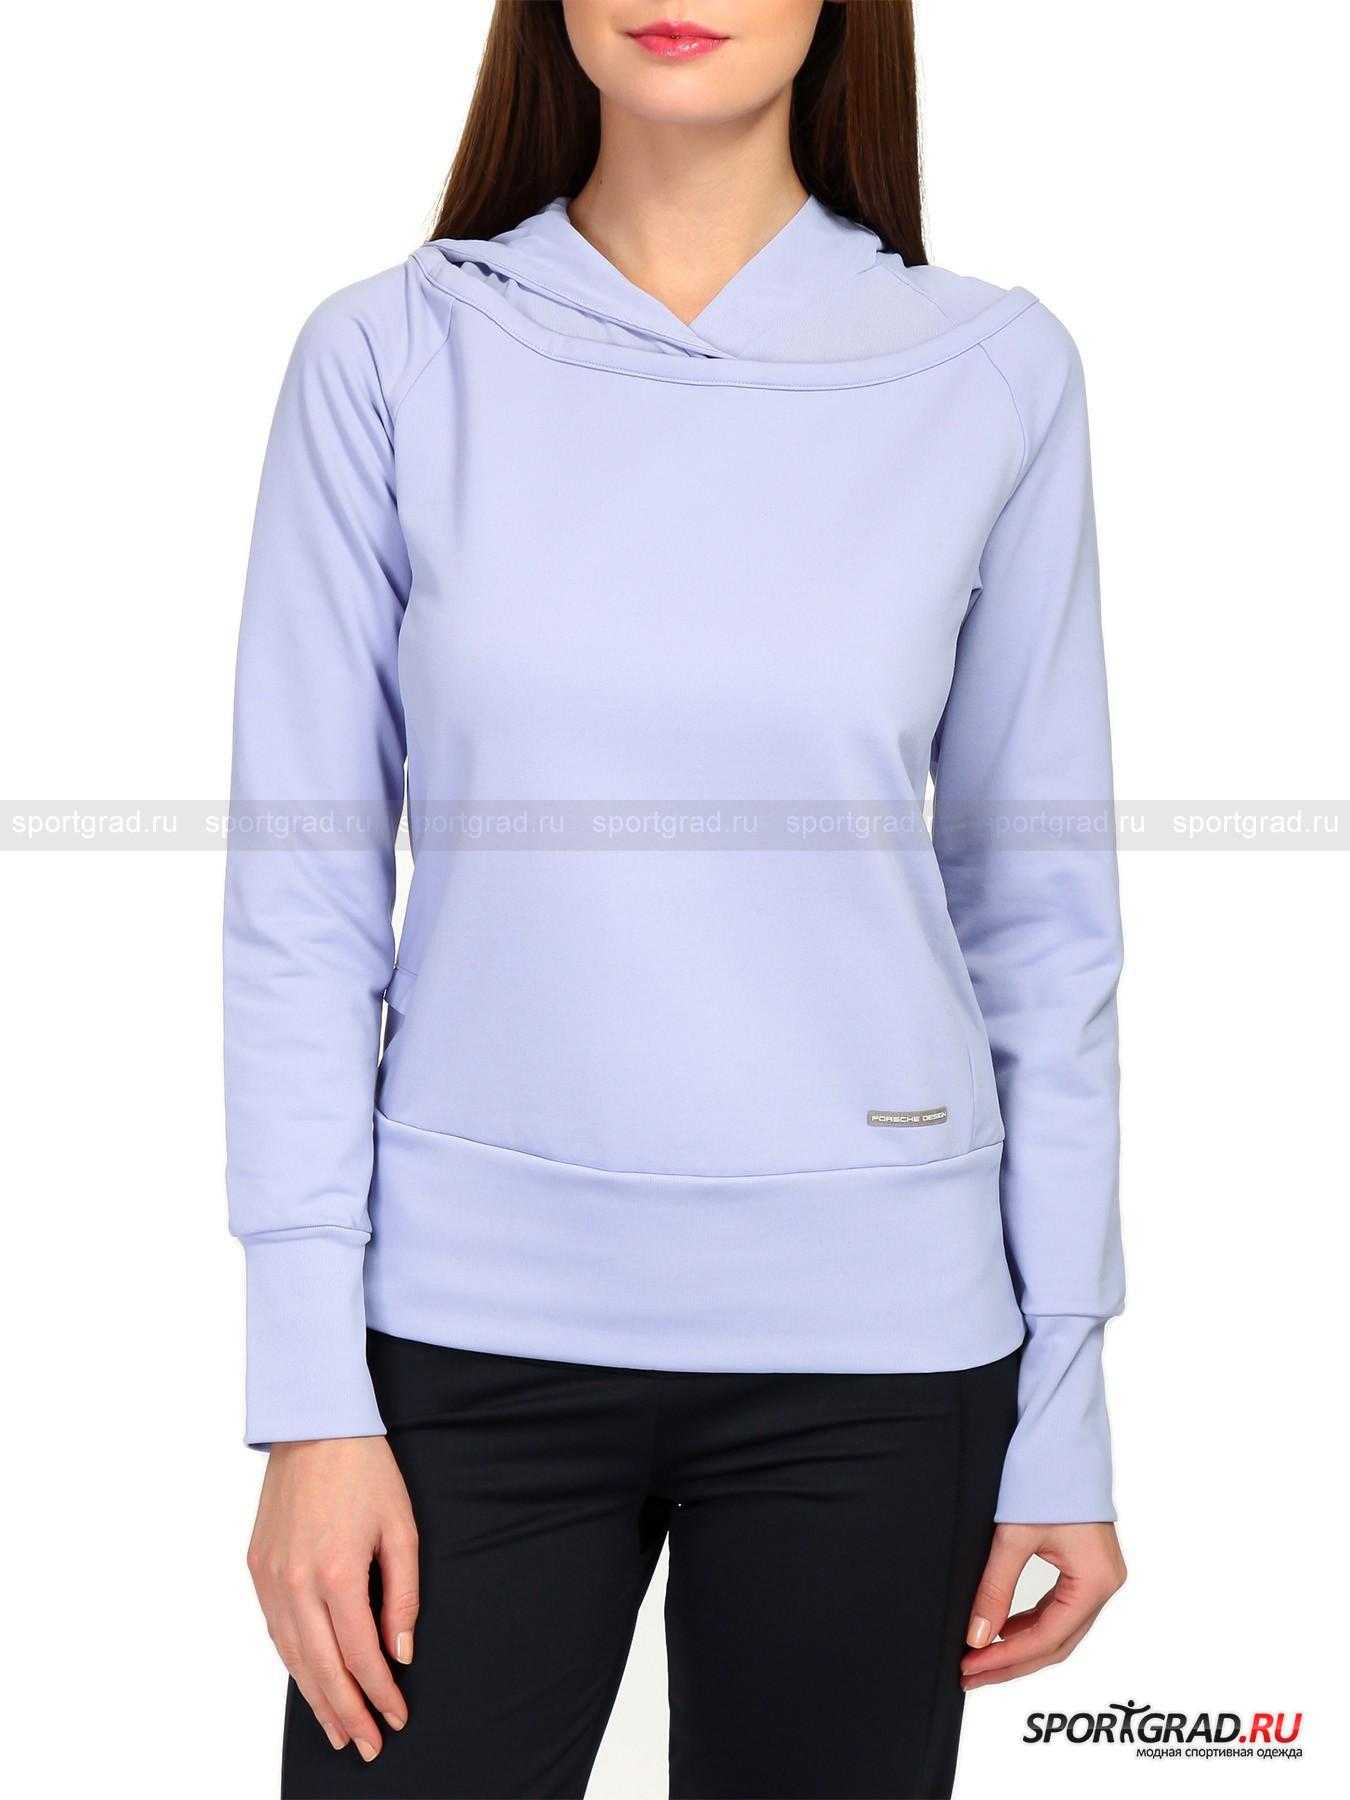 Купить женскую модную одежду доставка